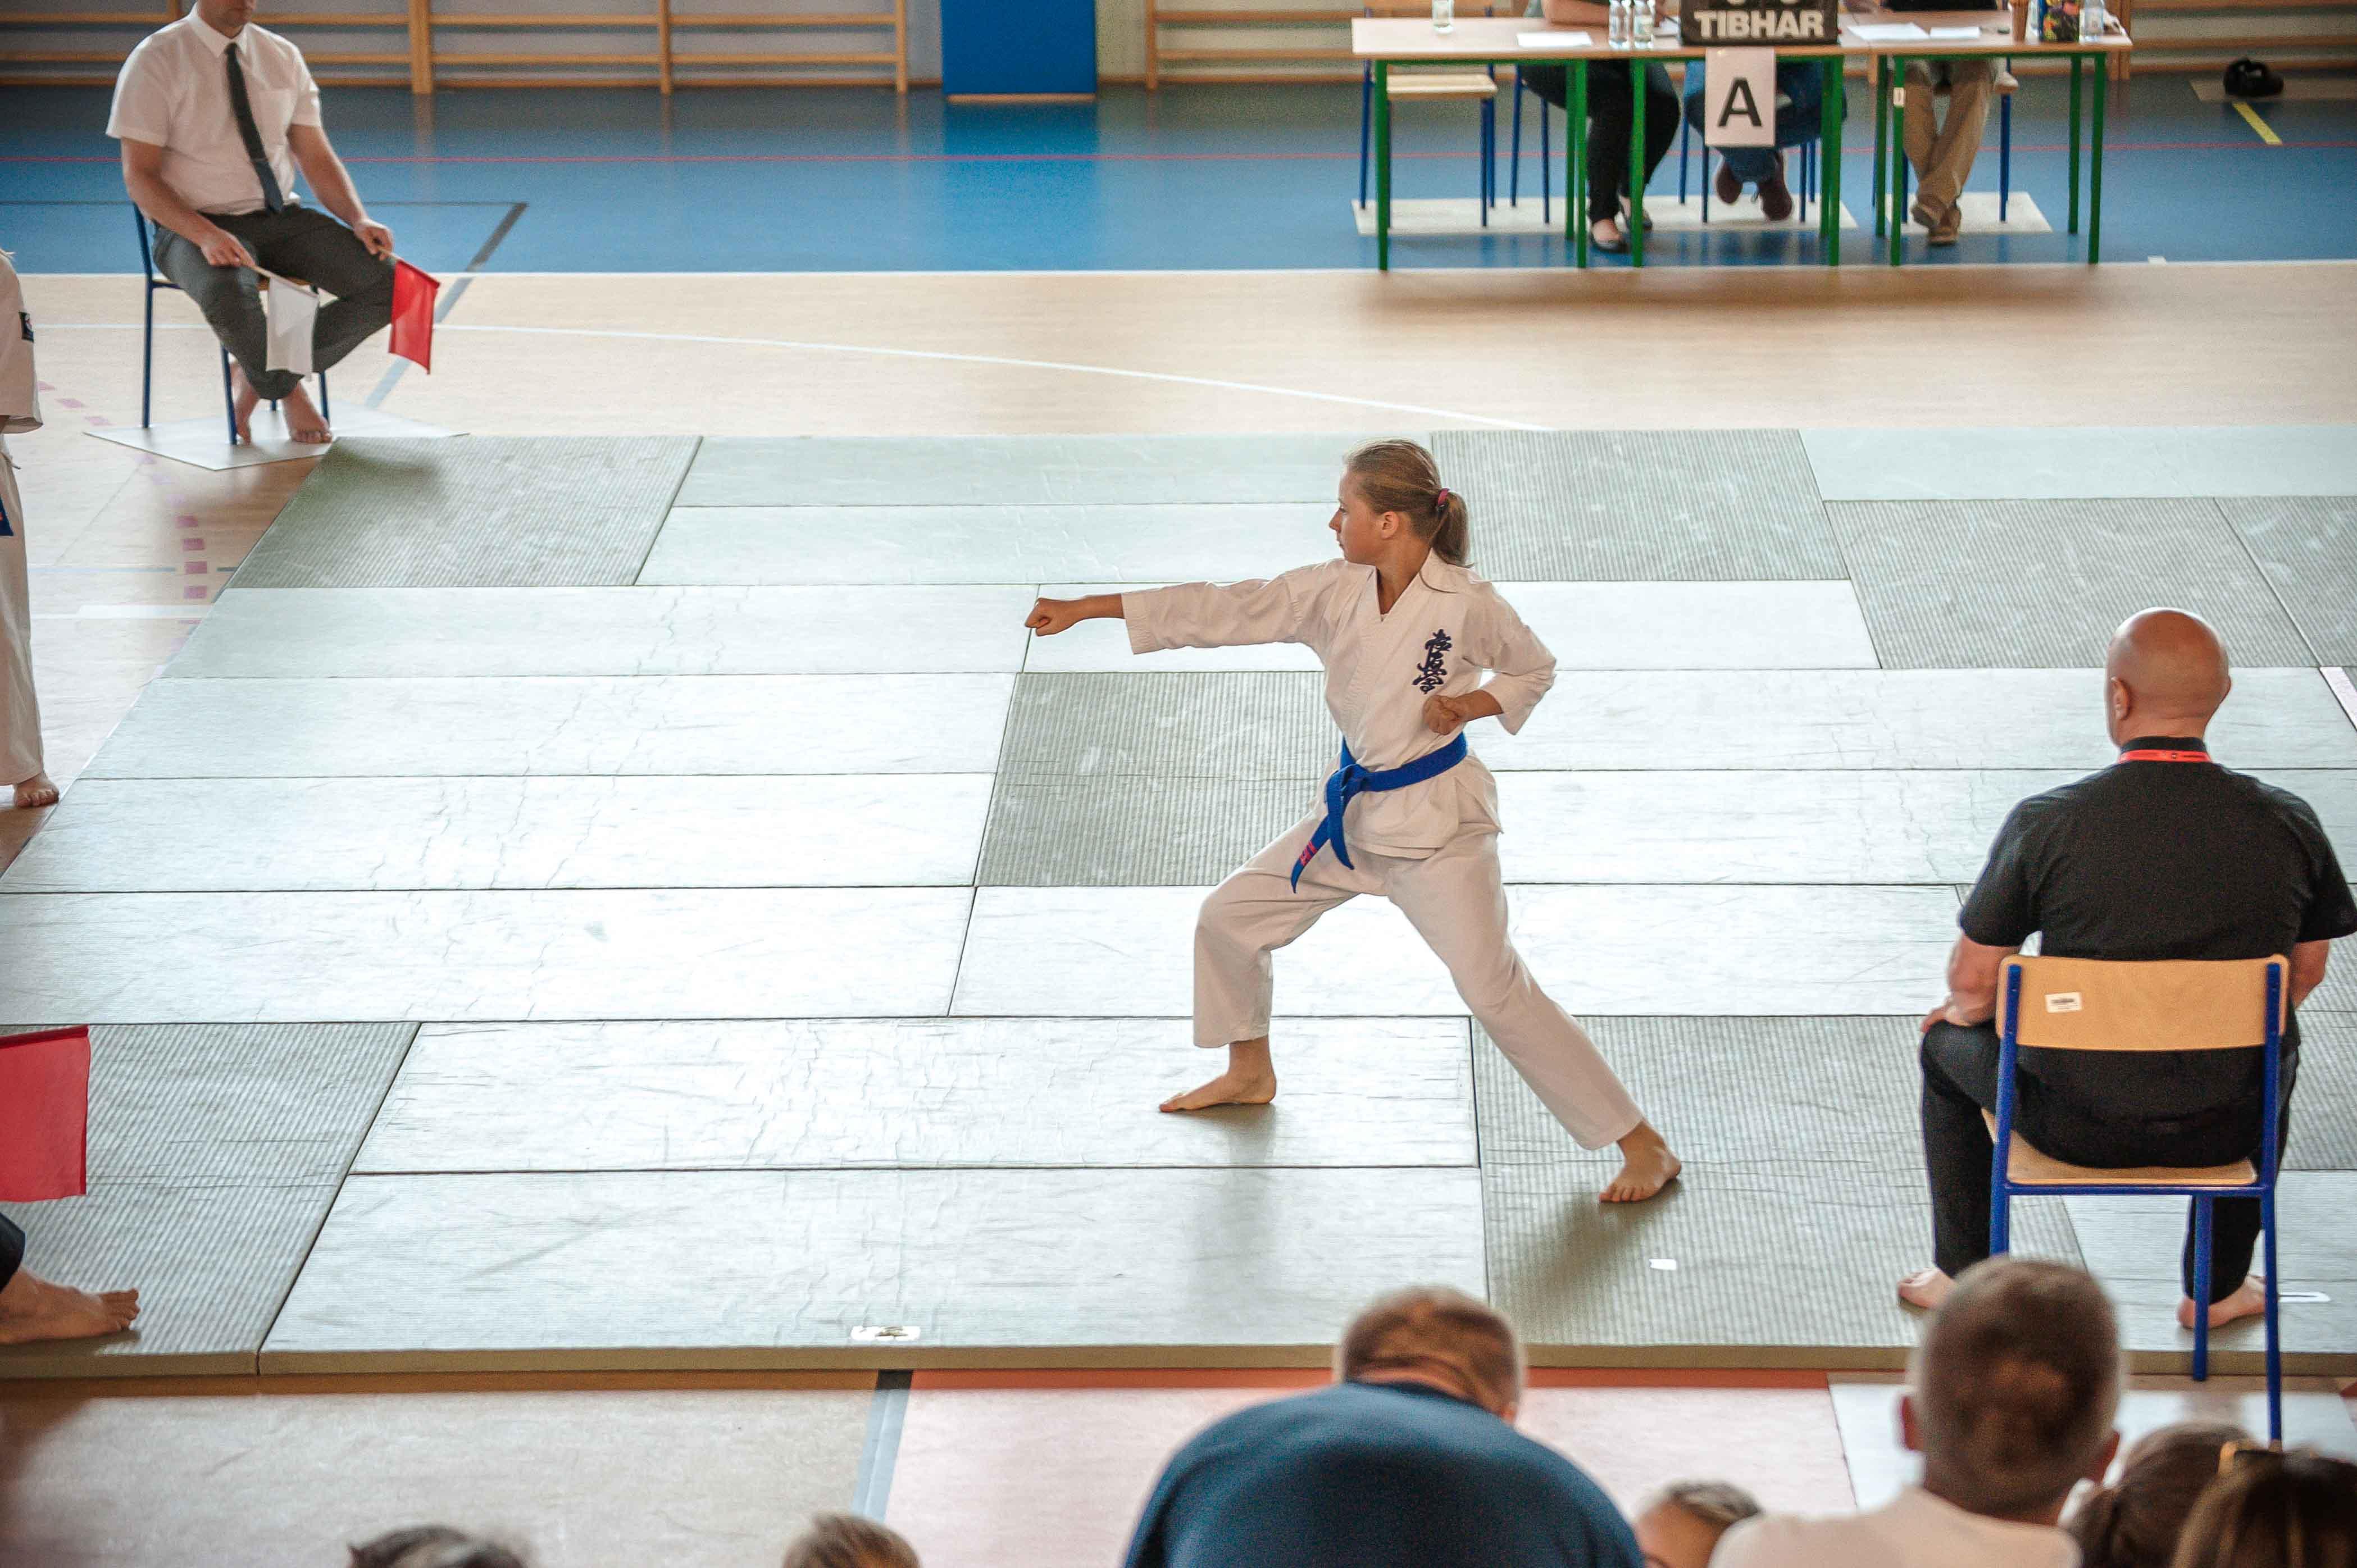 17 Turniej Karate Nowy Targ 2019_20.JPG